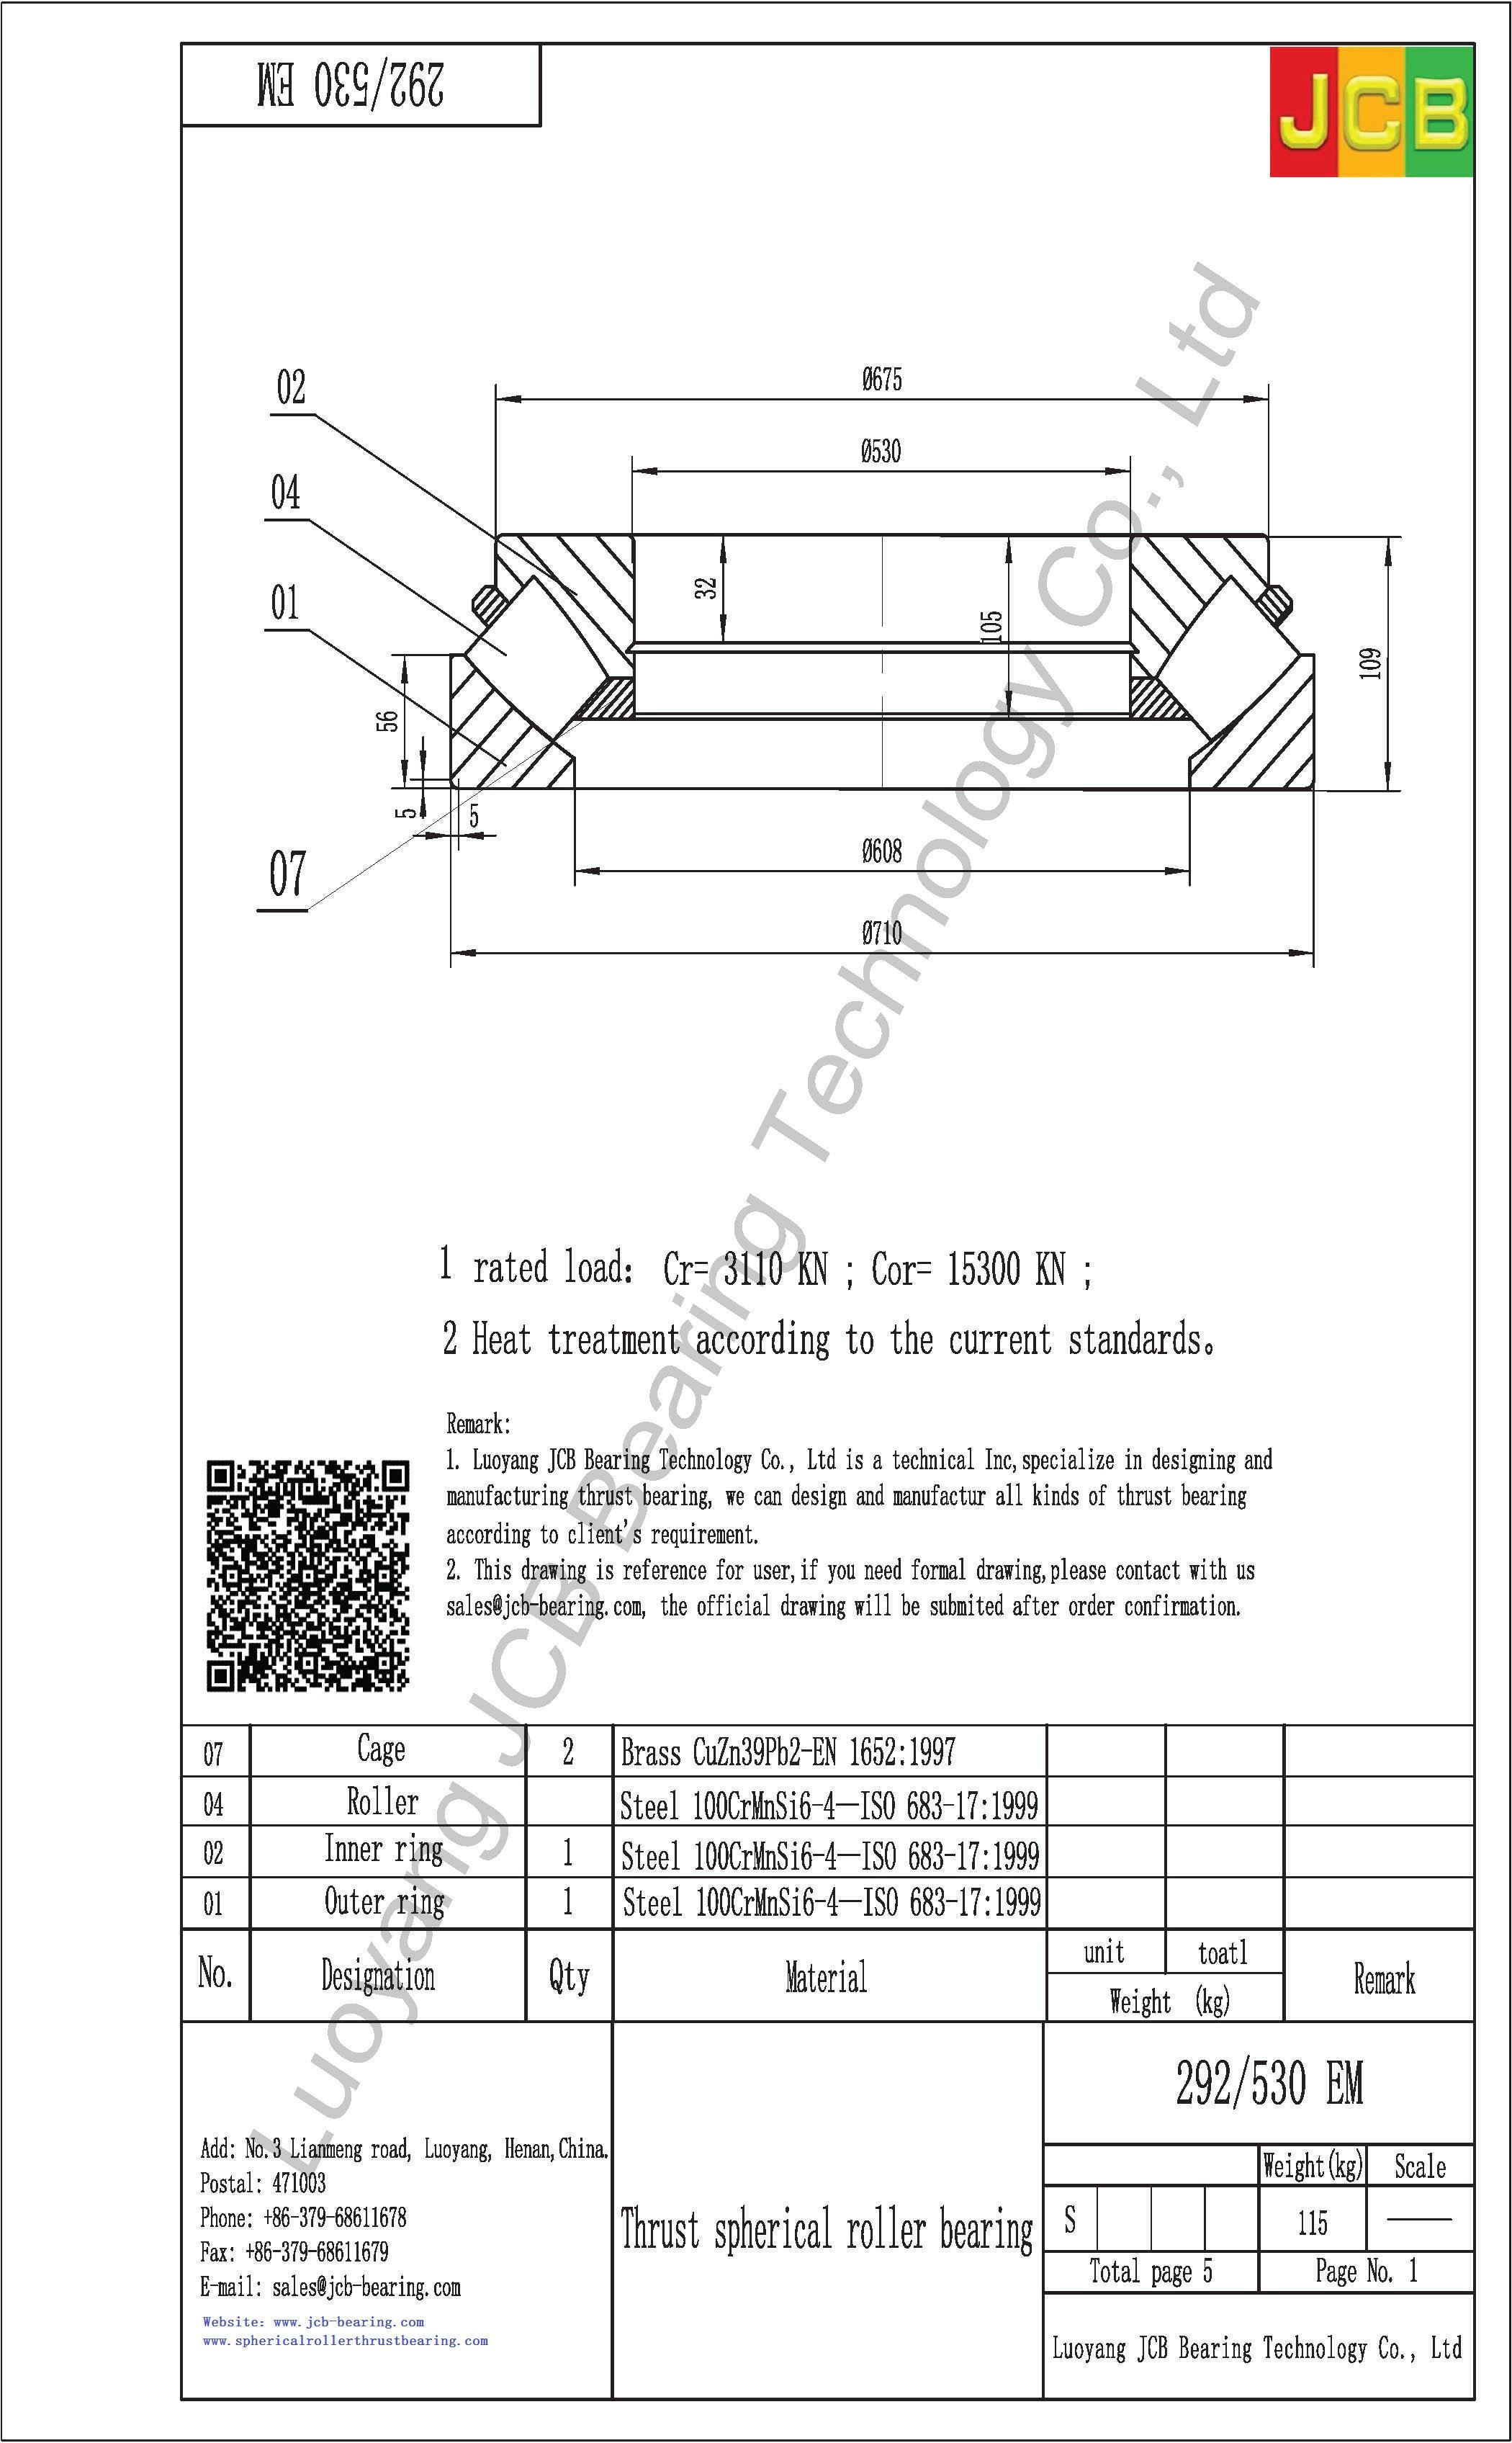 292/530 EM spherical roller thrust bearing